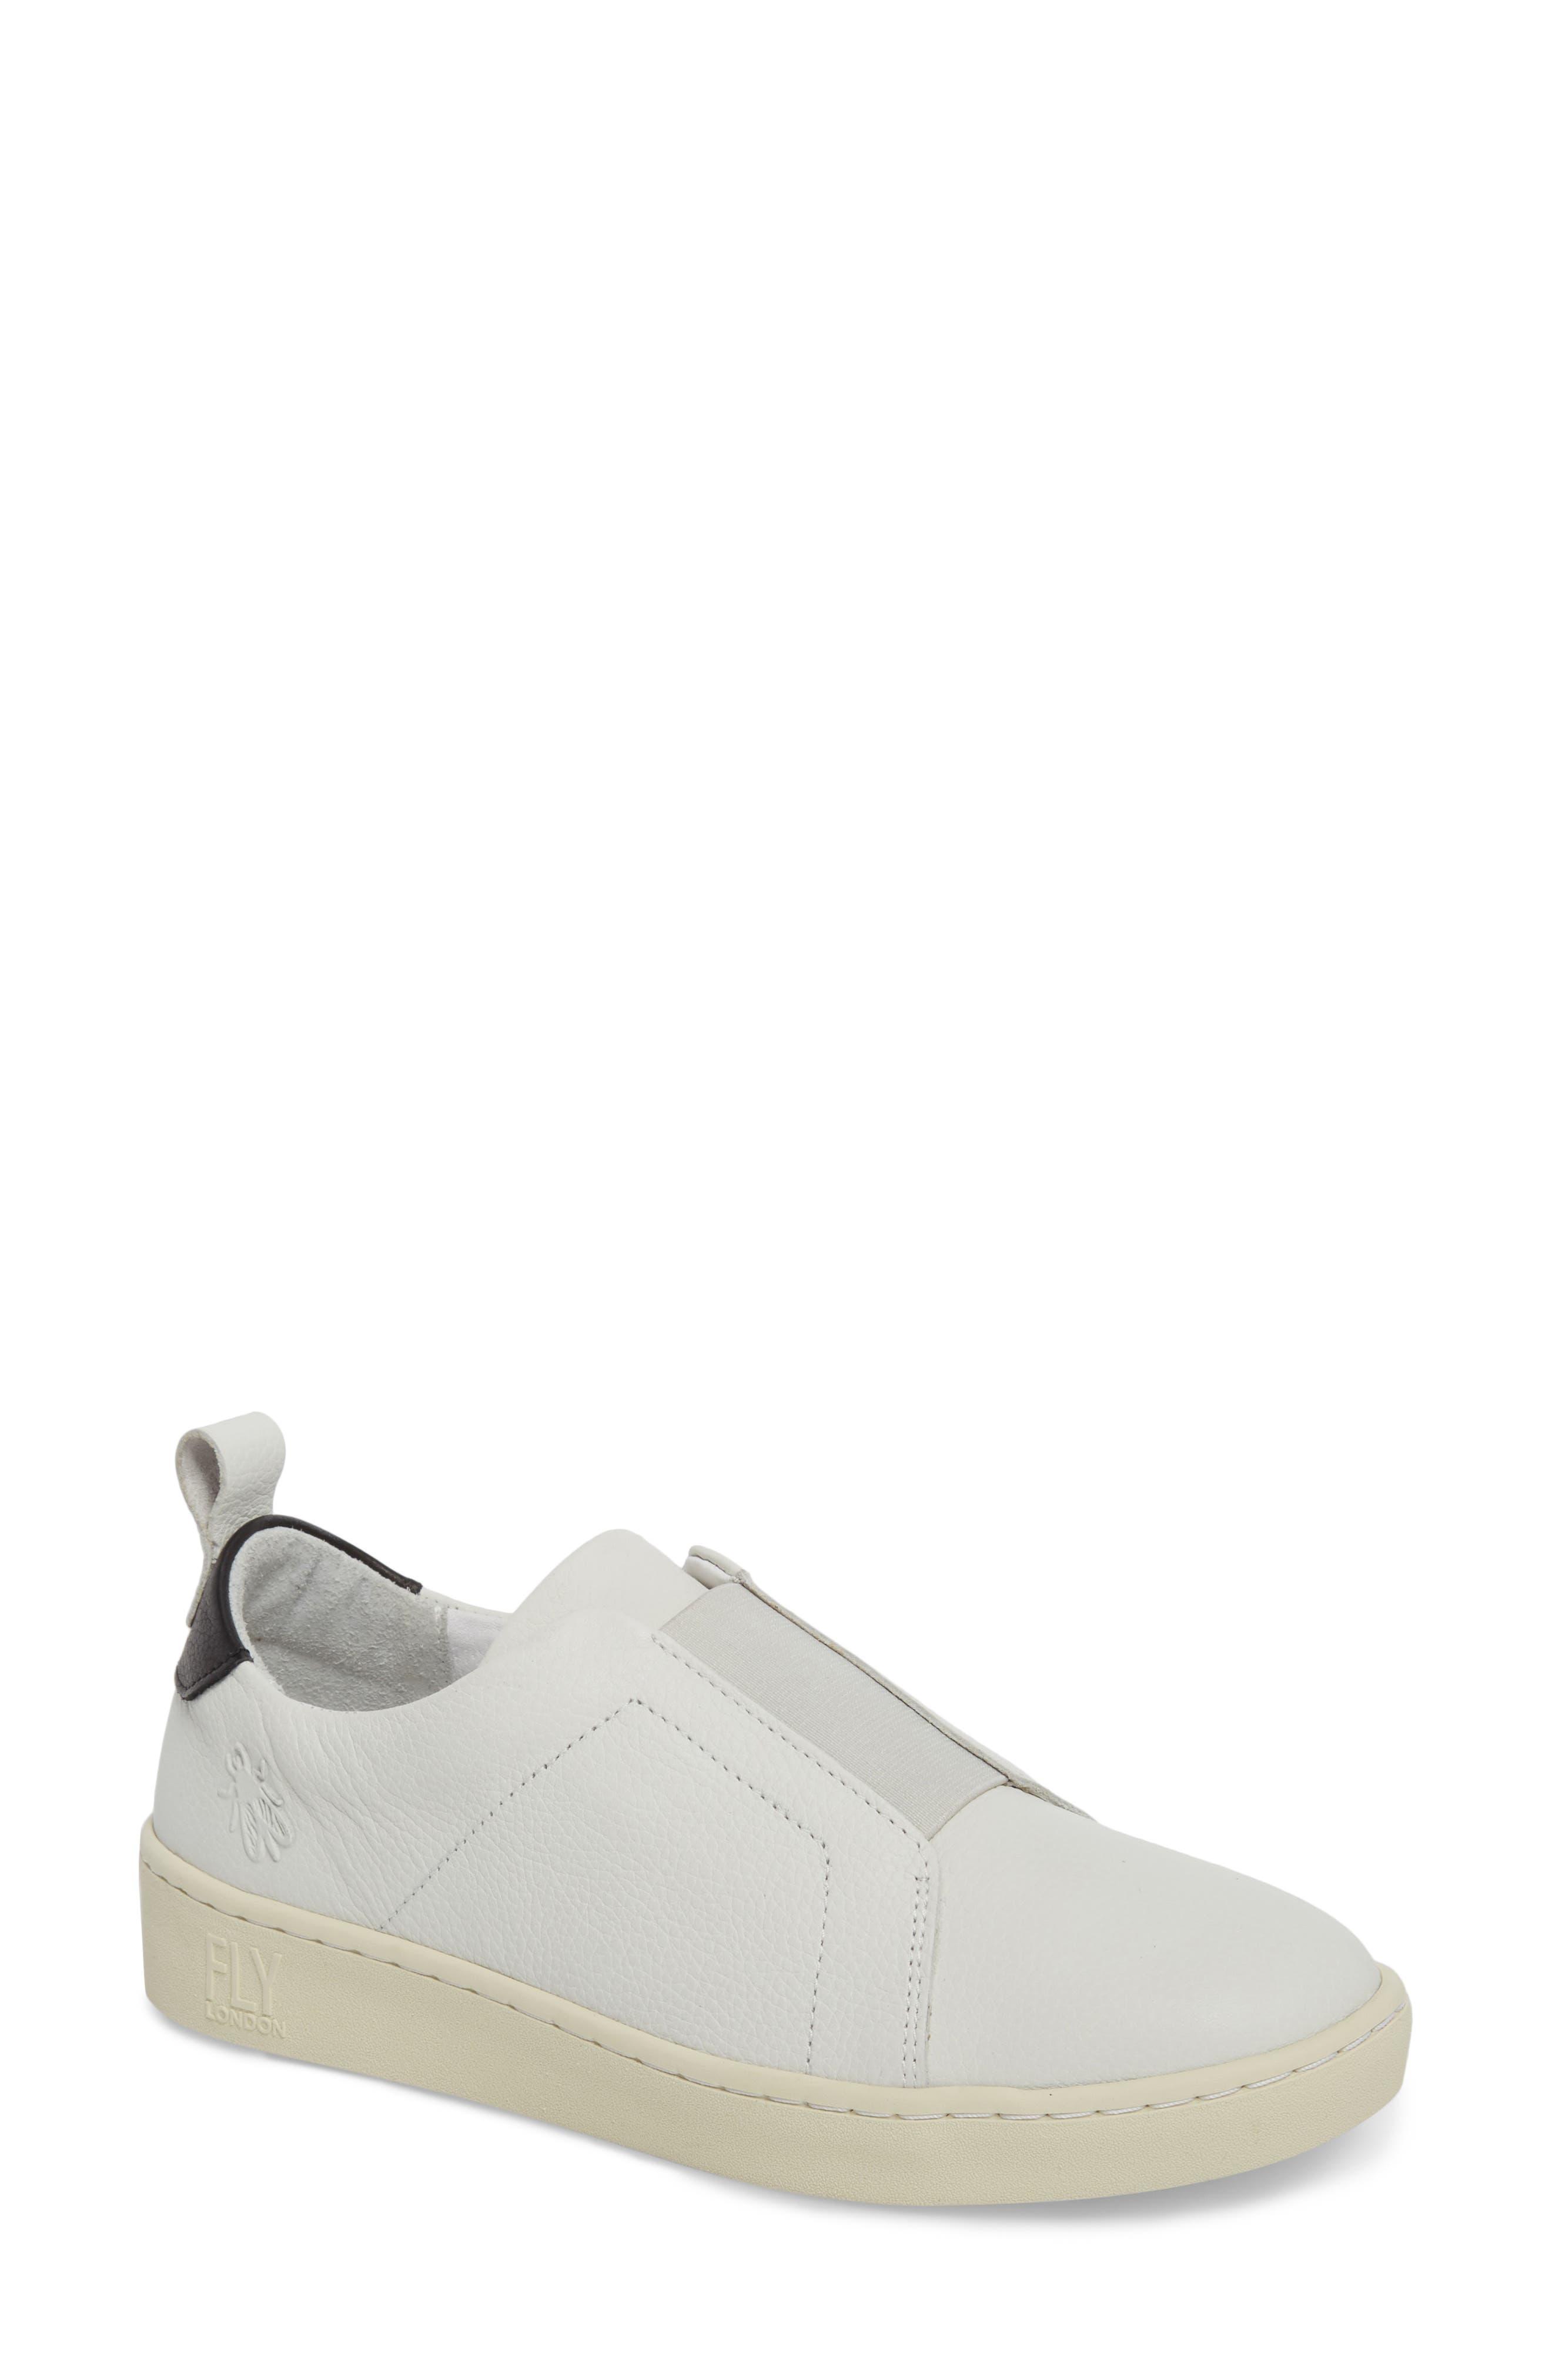 Fly London Mutt Slip-On Sneaker, White